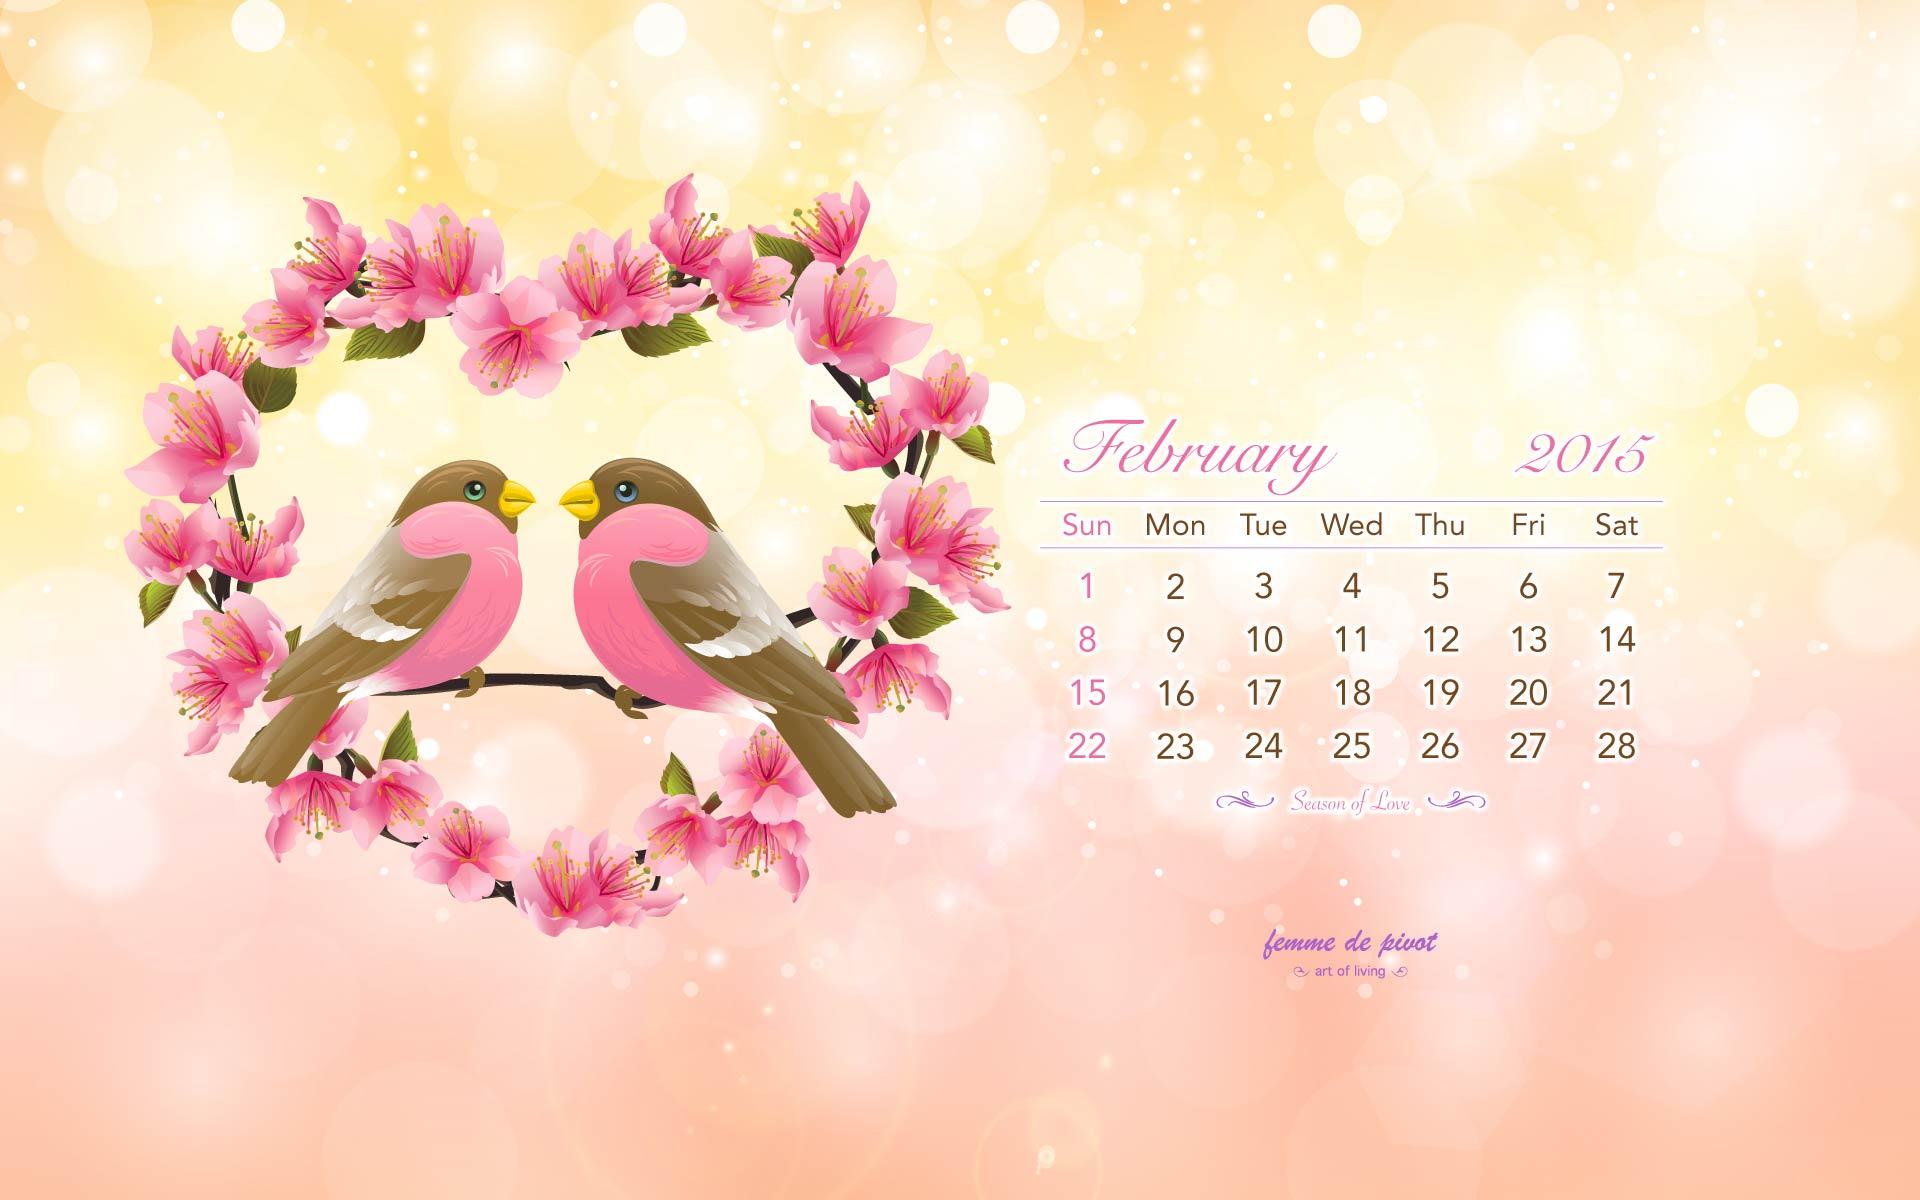 16417 desktop wallpaper calendar february 2015 1920x1200